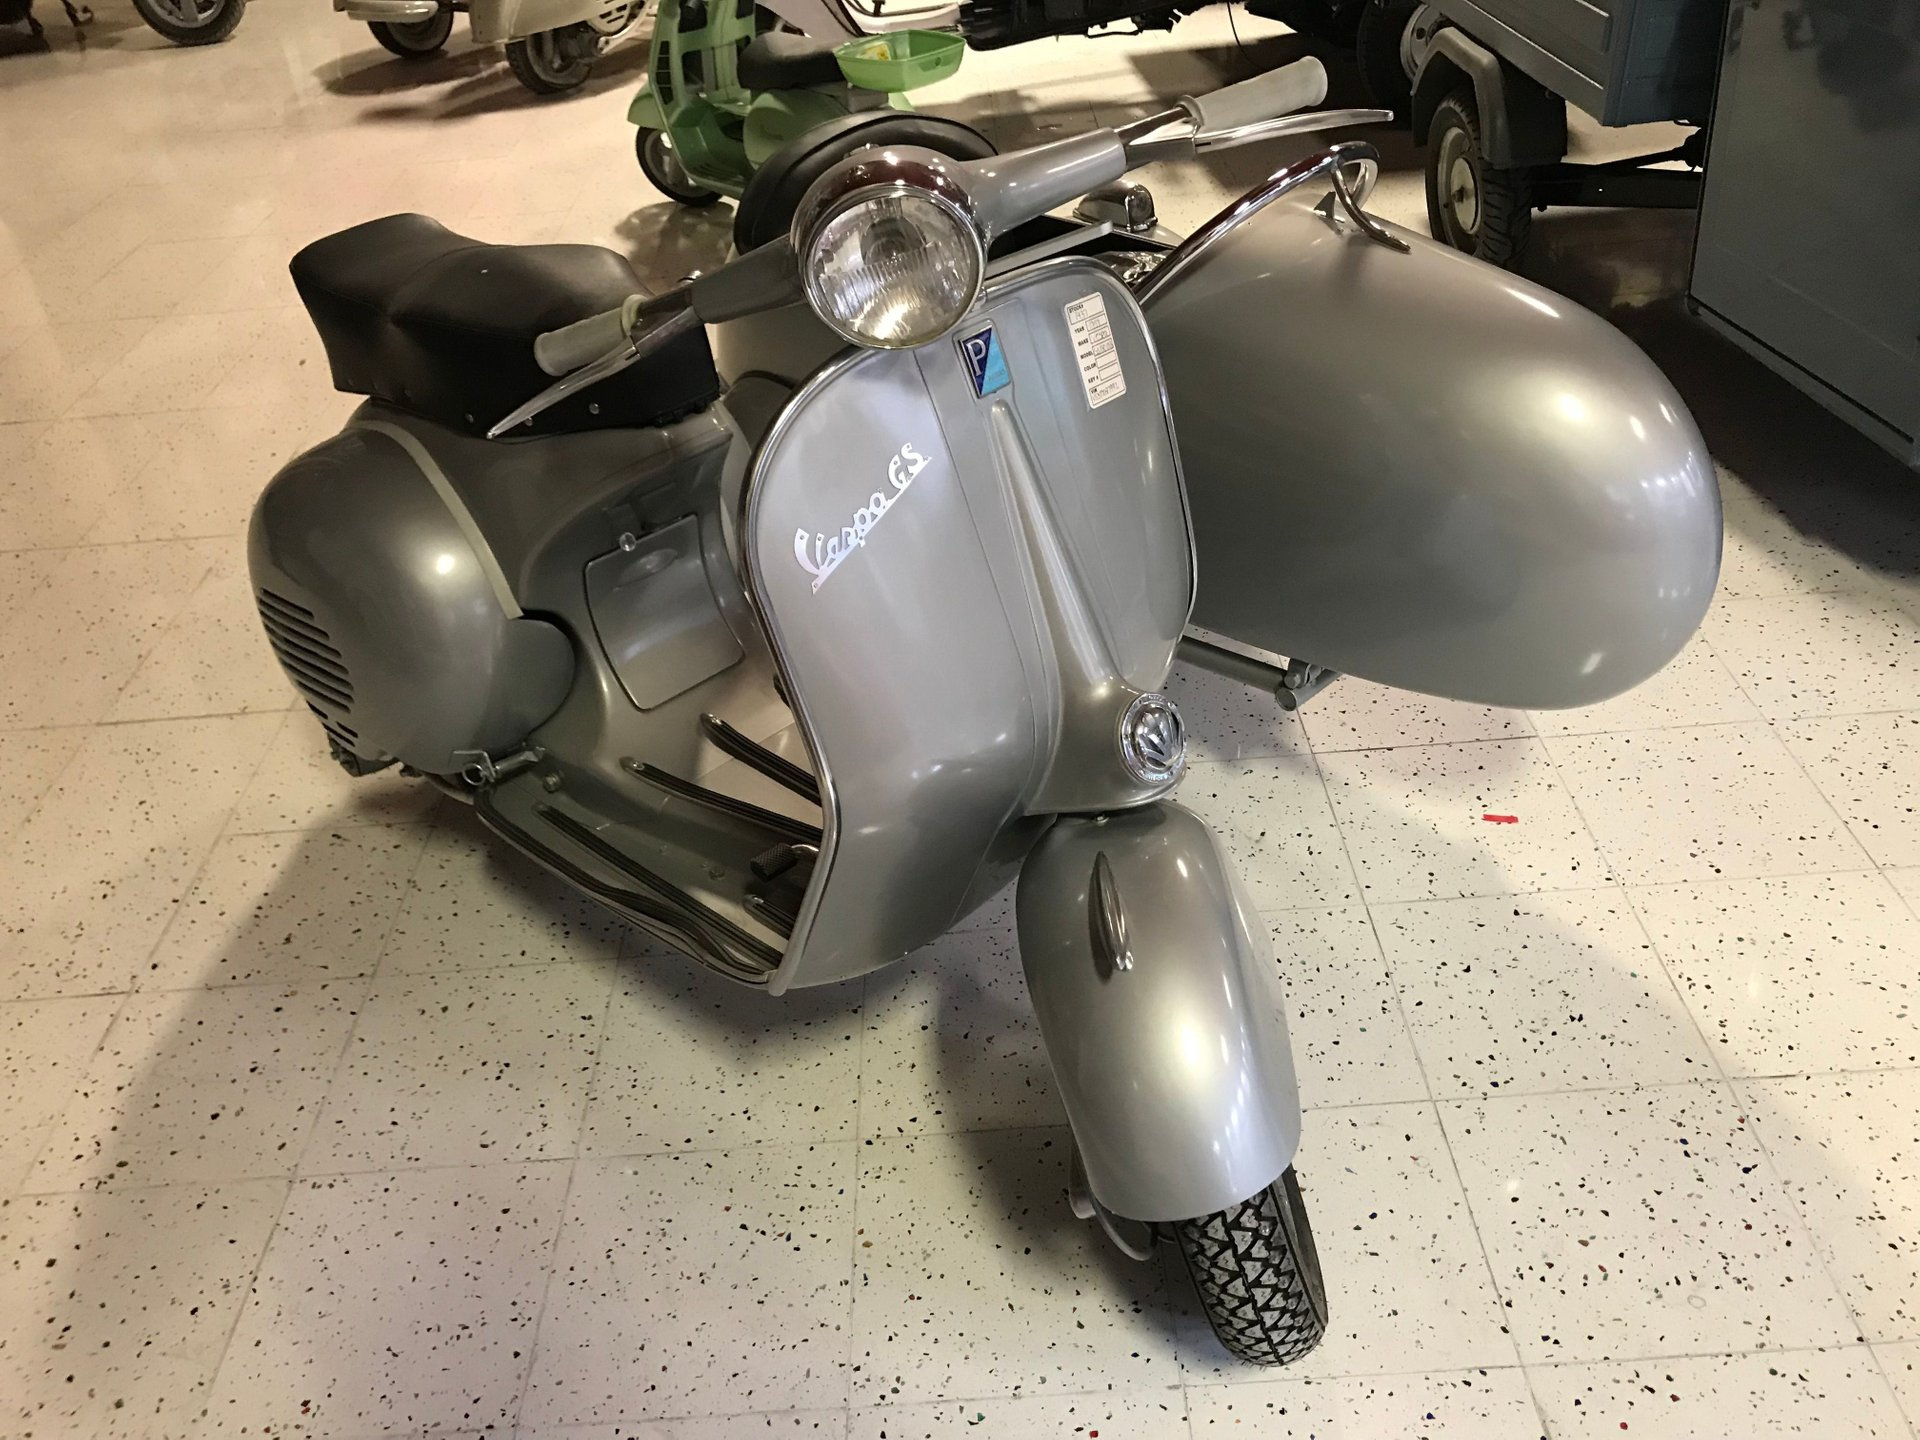 1957 vespa gs150vs3